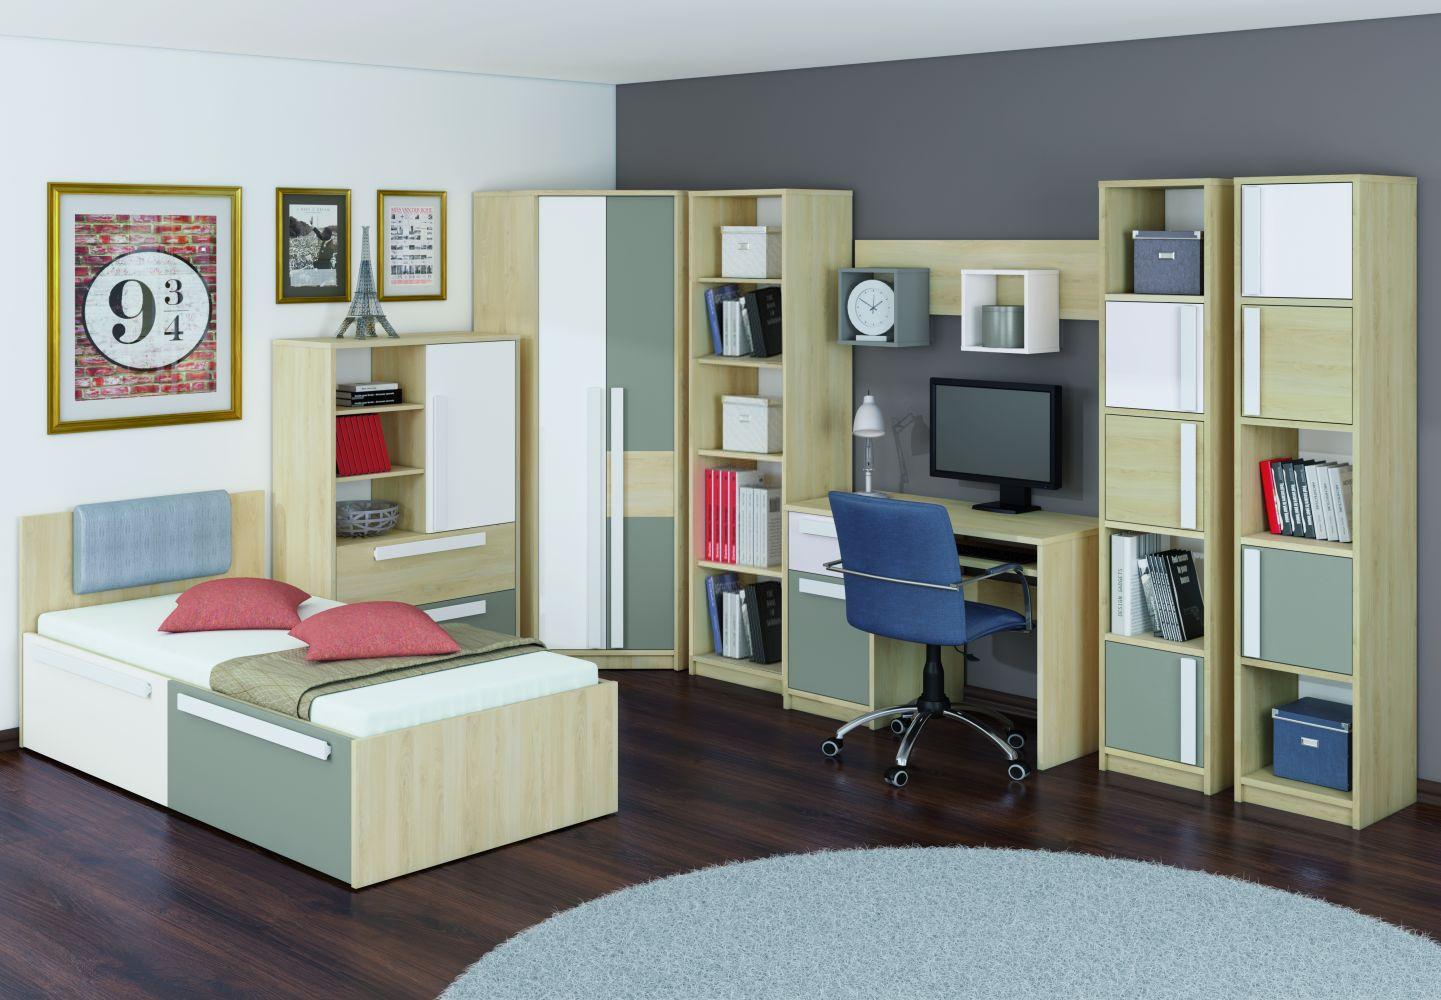 Jugendzimmer Regal Greeley 06, Farbe: Buche Abmessungen